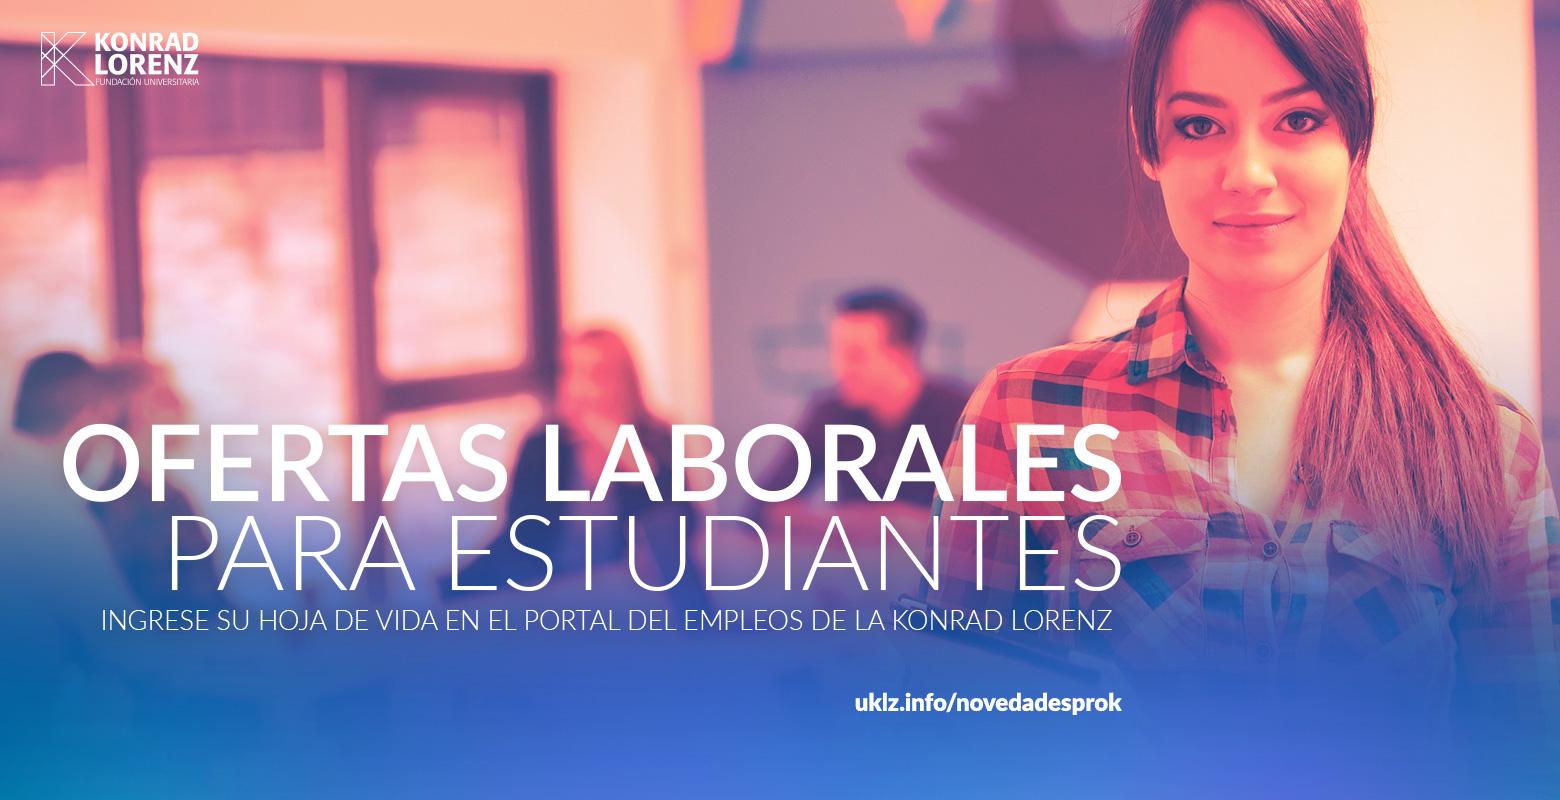 Ofertas laborales para estudiantes